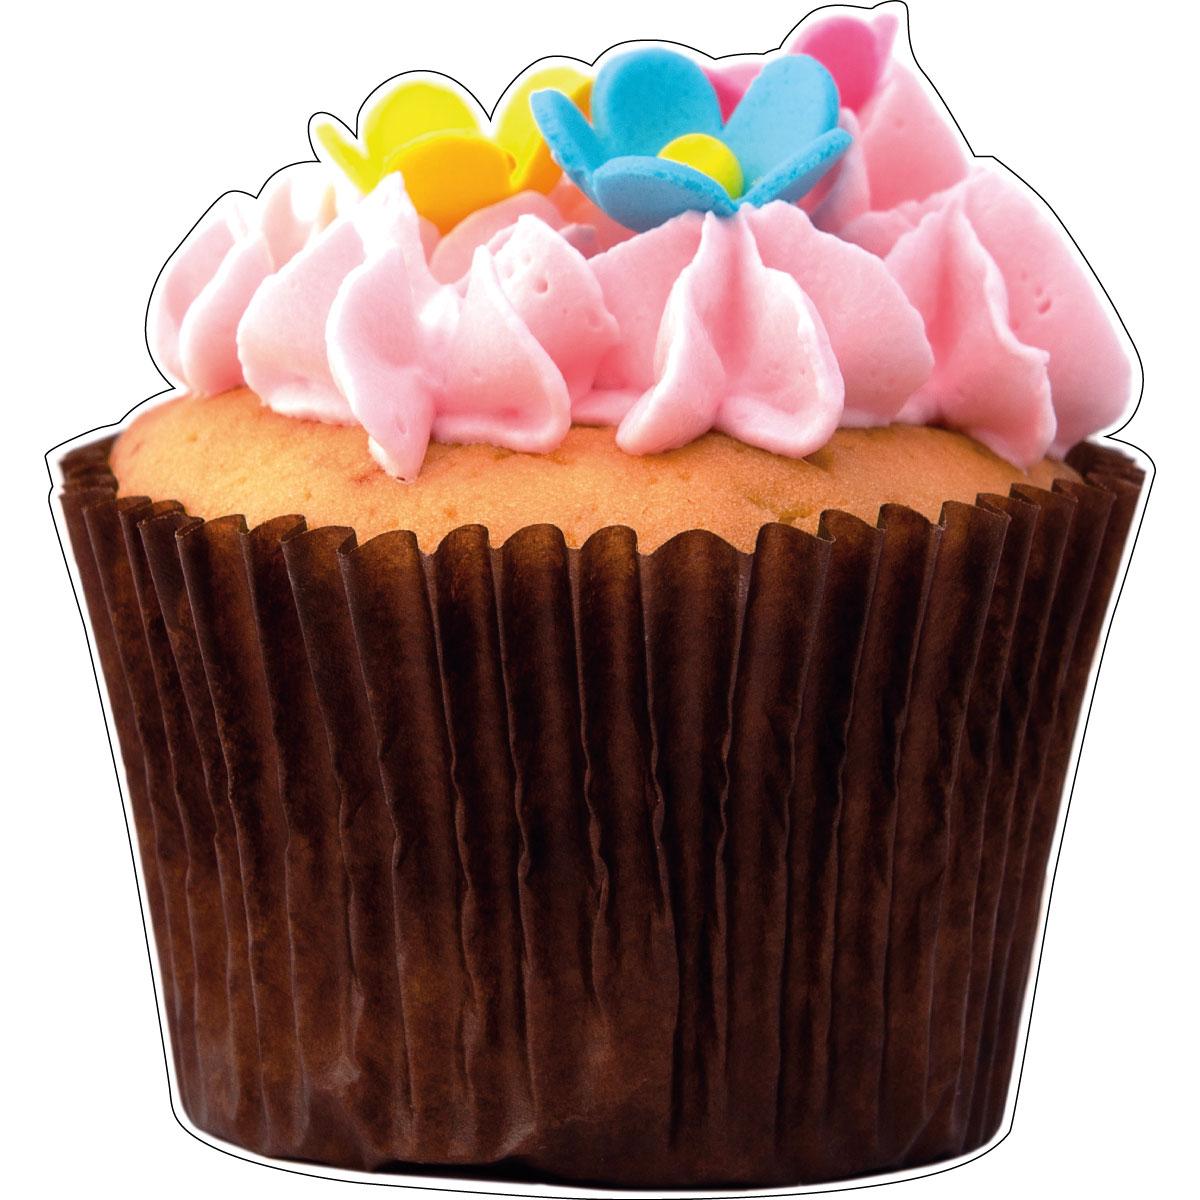 Muurstickers voor keuken muursticker decoratieve bloem cupcake ambiance - Deco kamer stijl engels ...